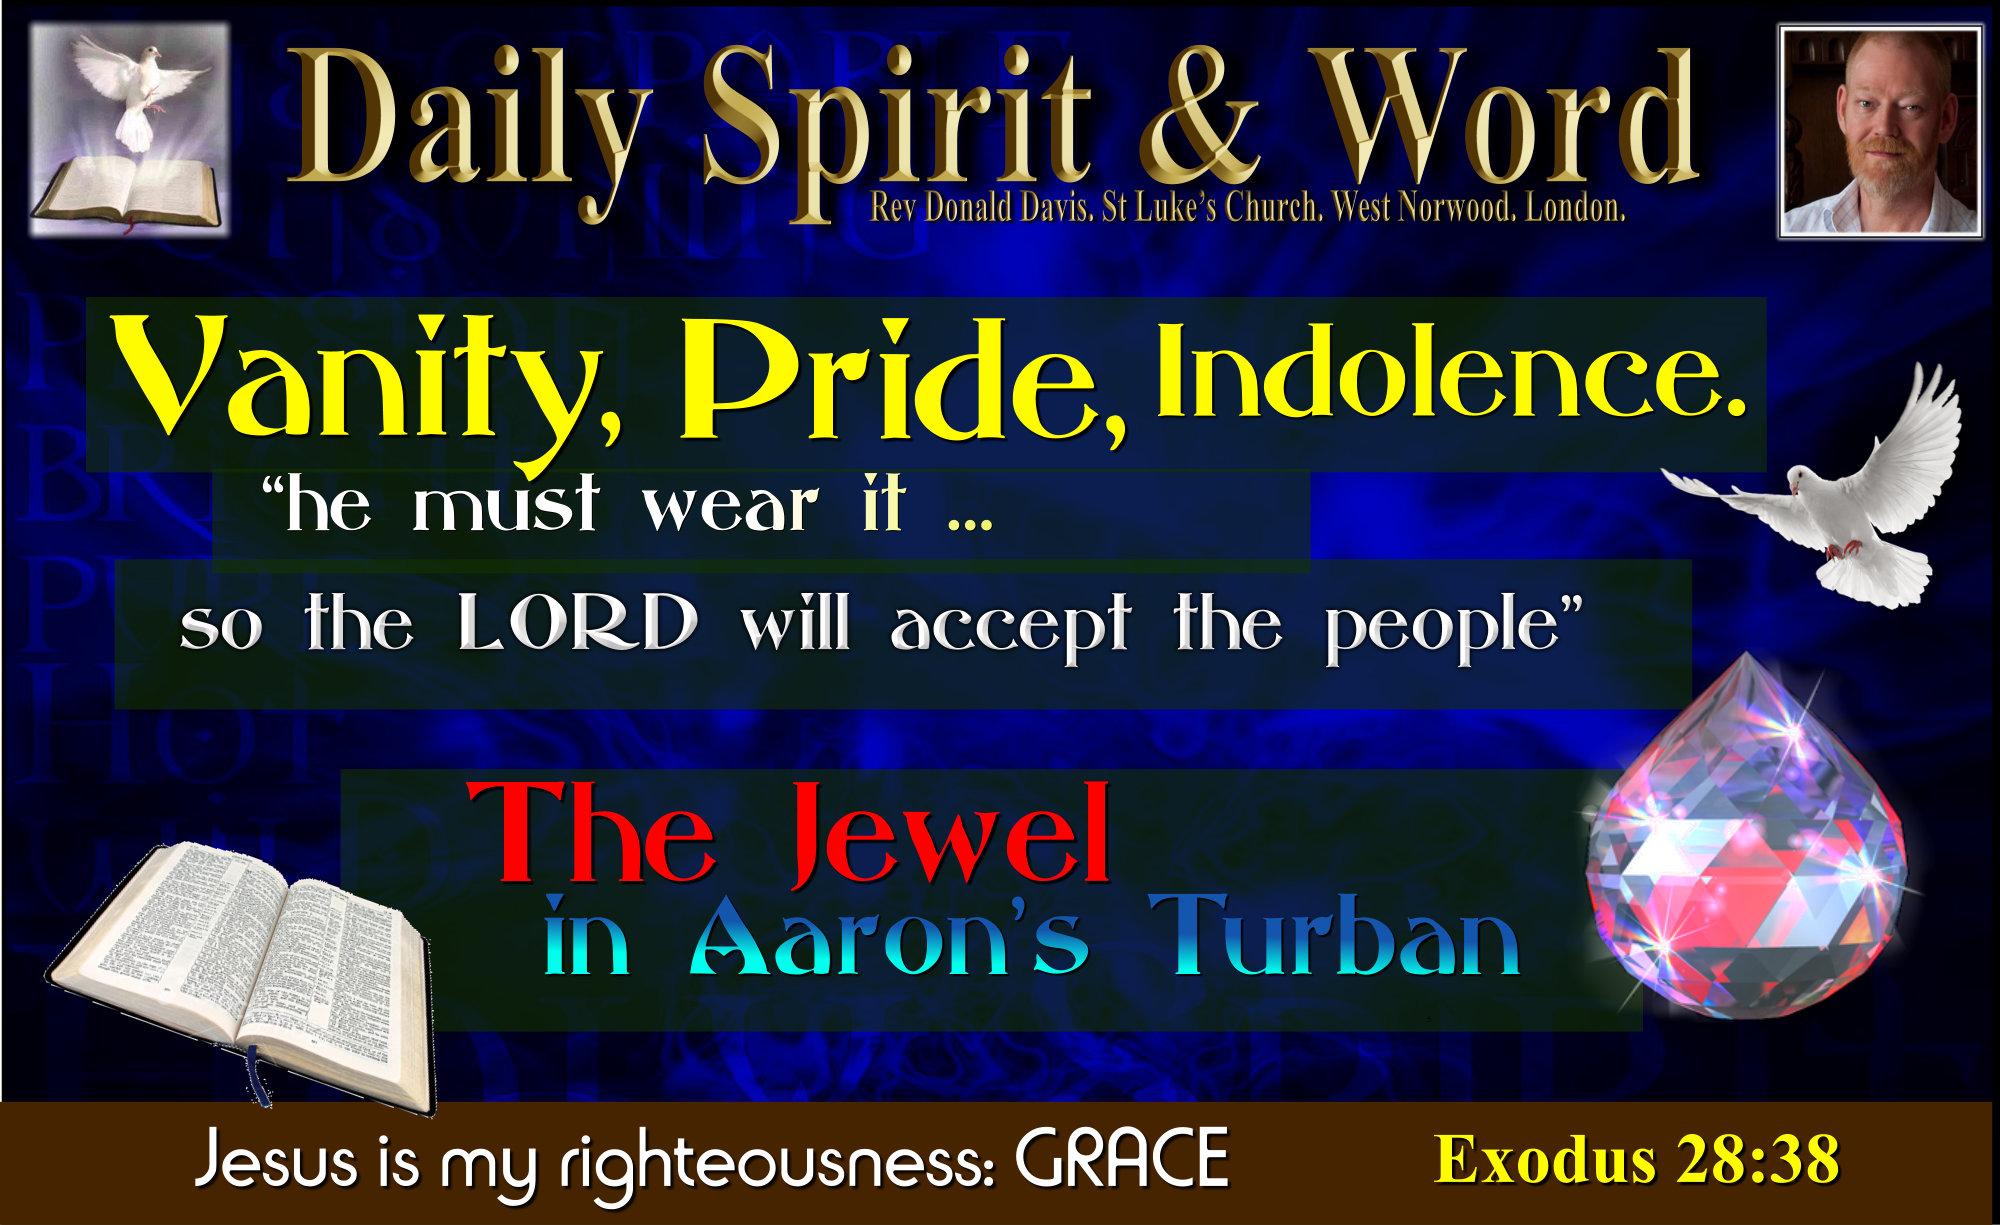 The Jewel in Aaron's Crown